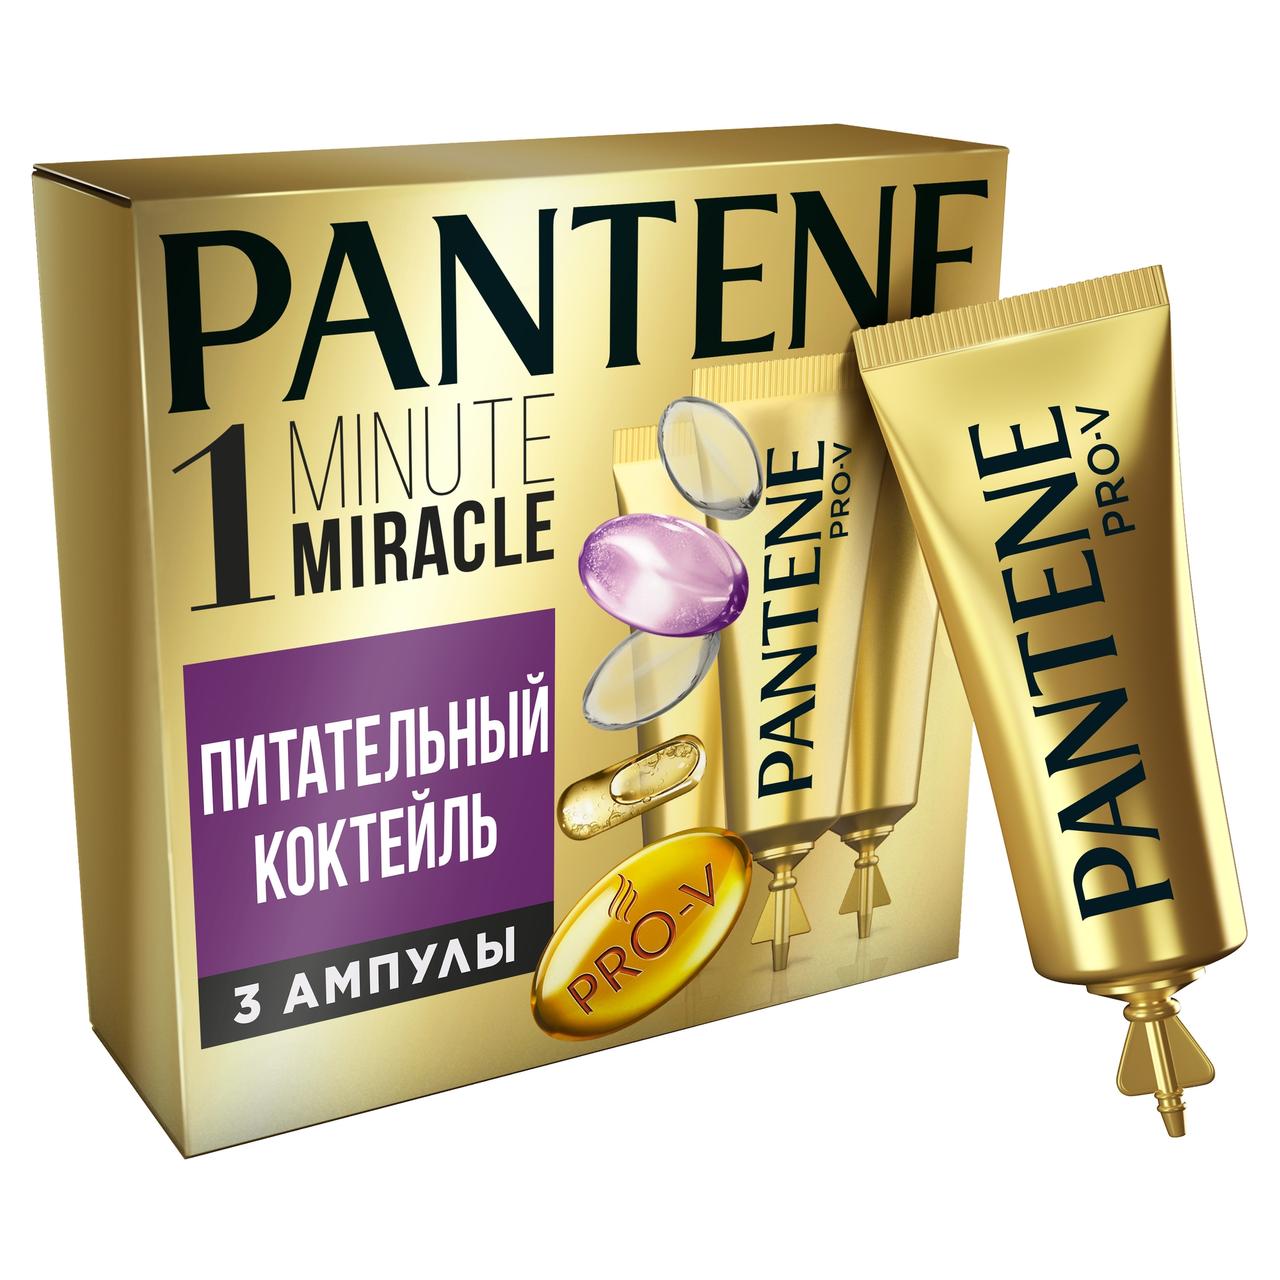 Питательный коктейль PANTINE PRO-V 3Х15 мл 1 мм